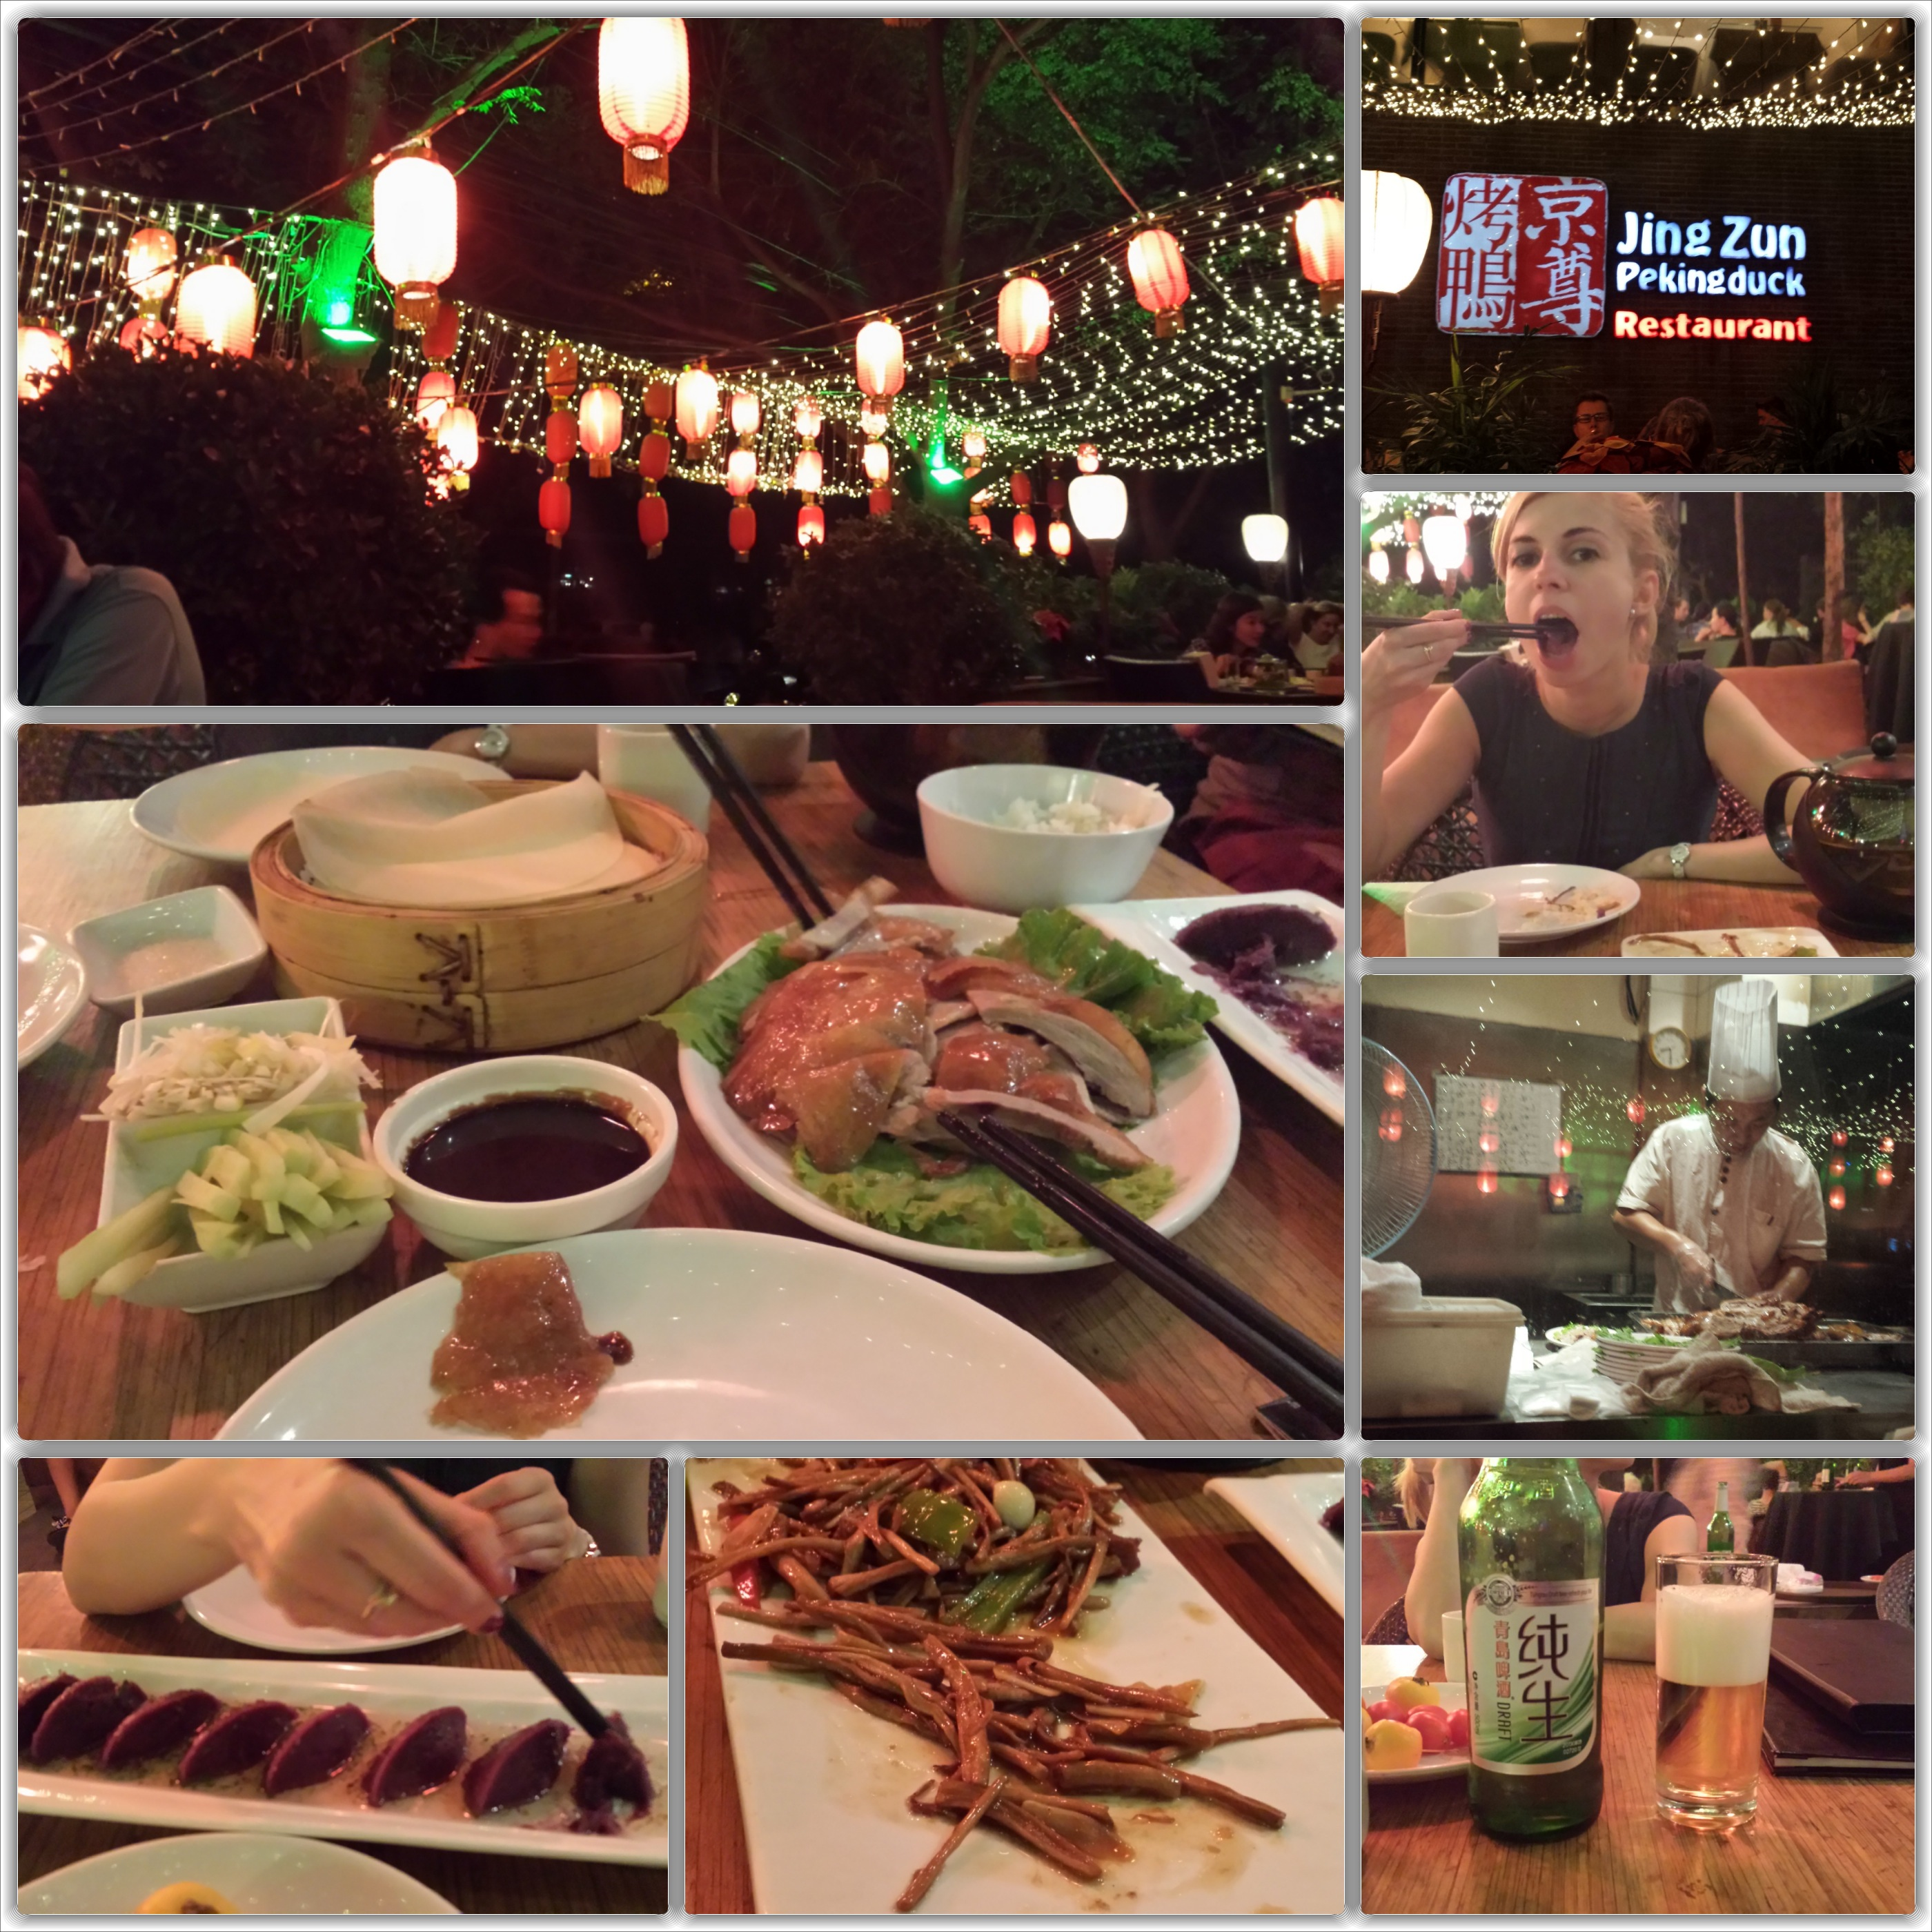 Jing zun restaurant.jpg